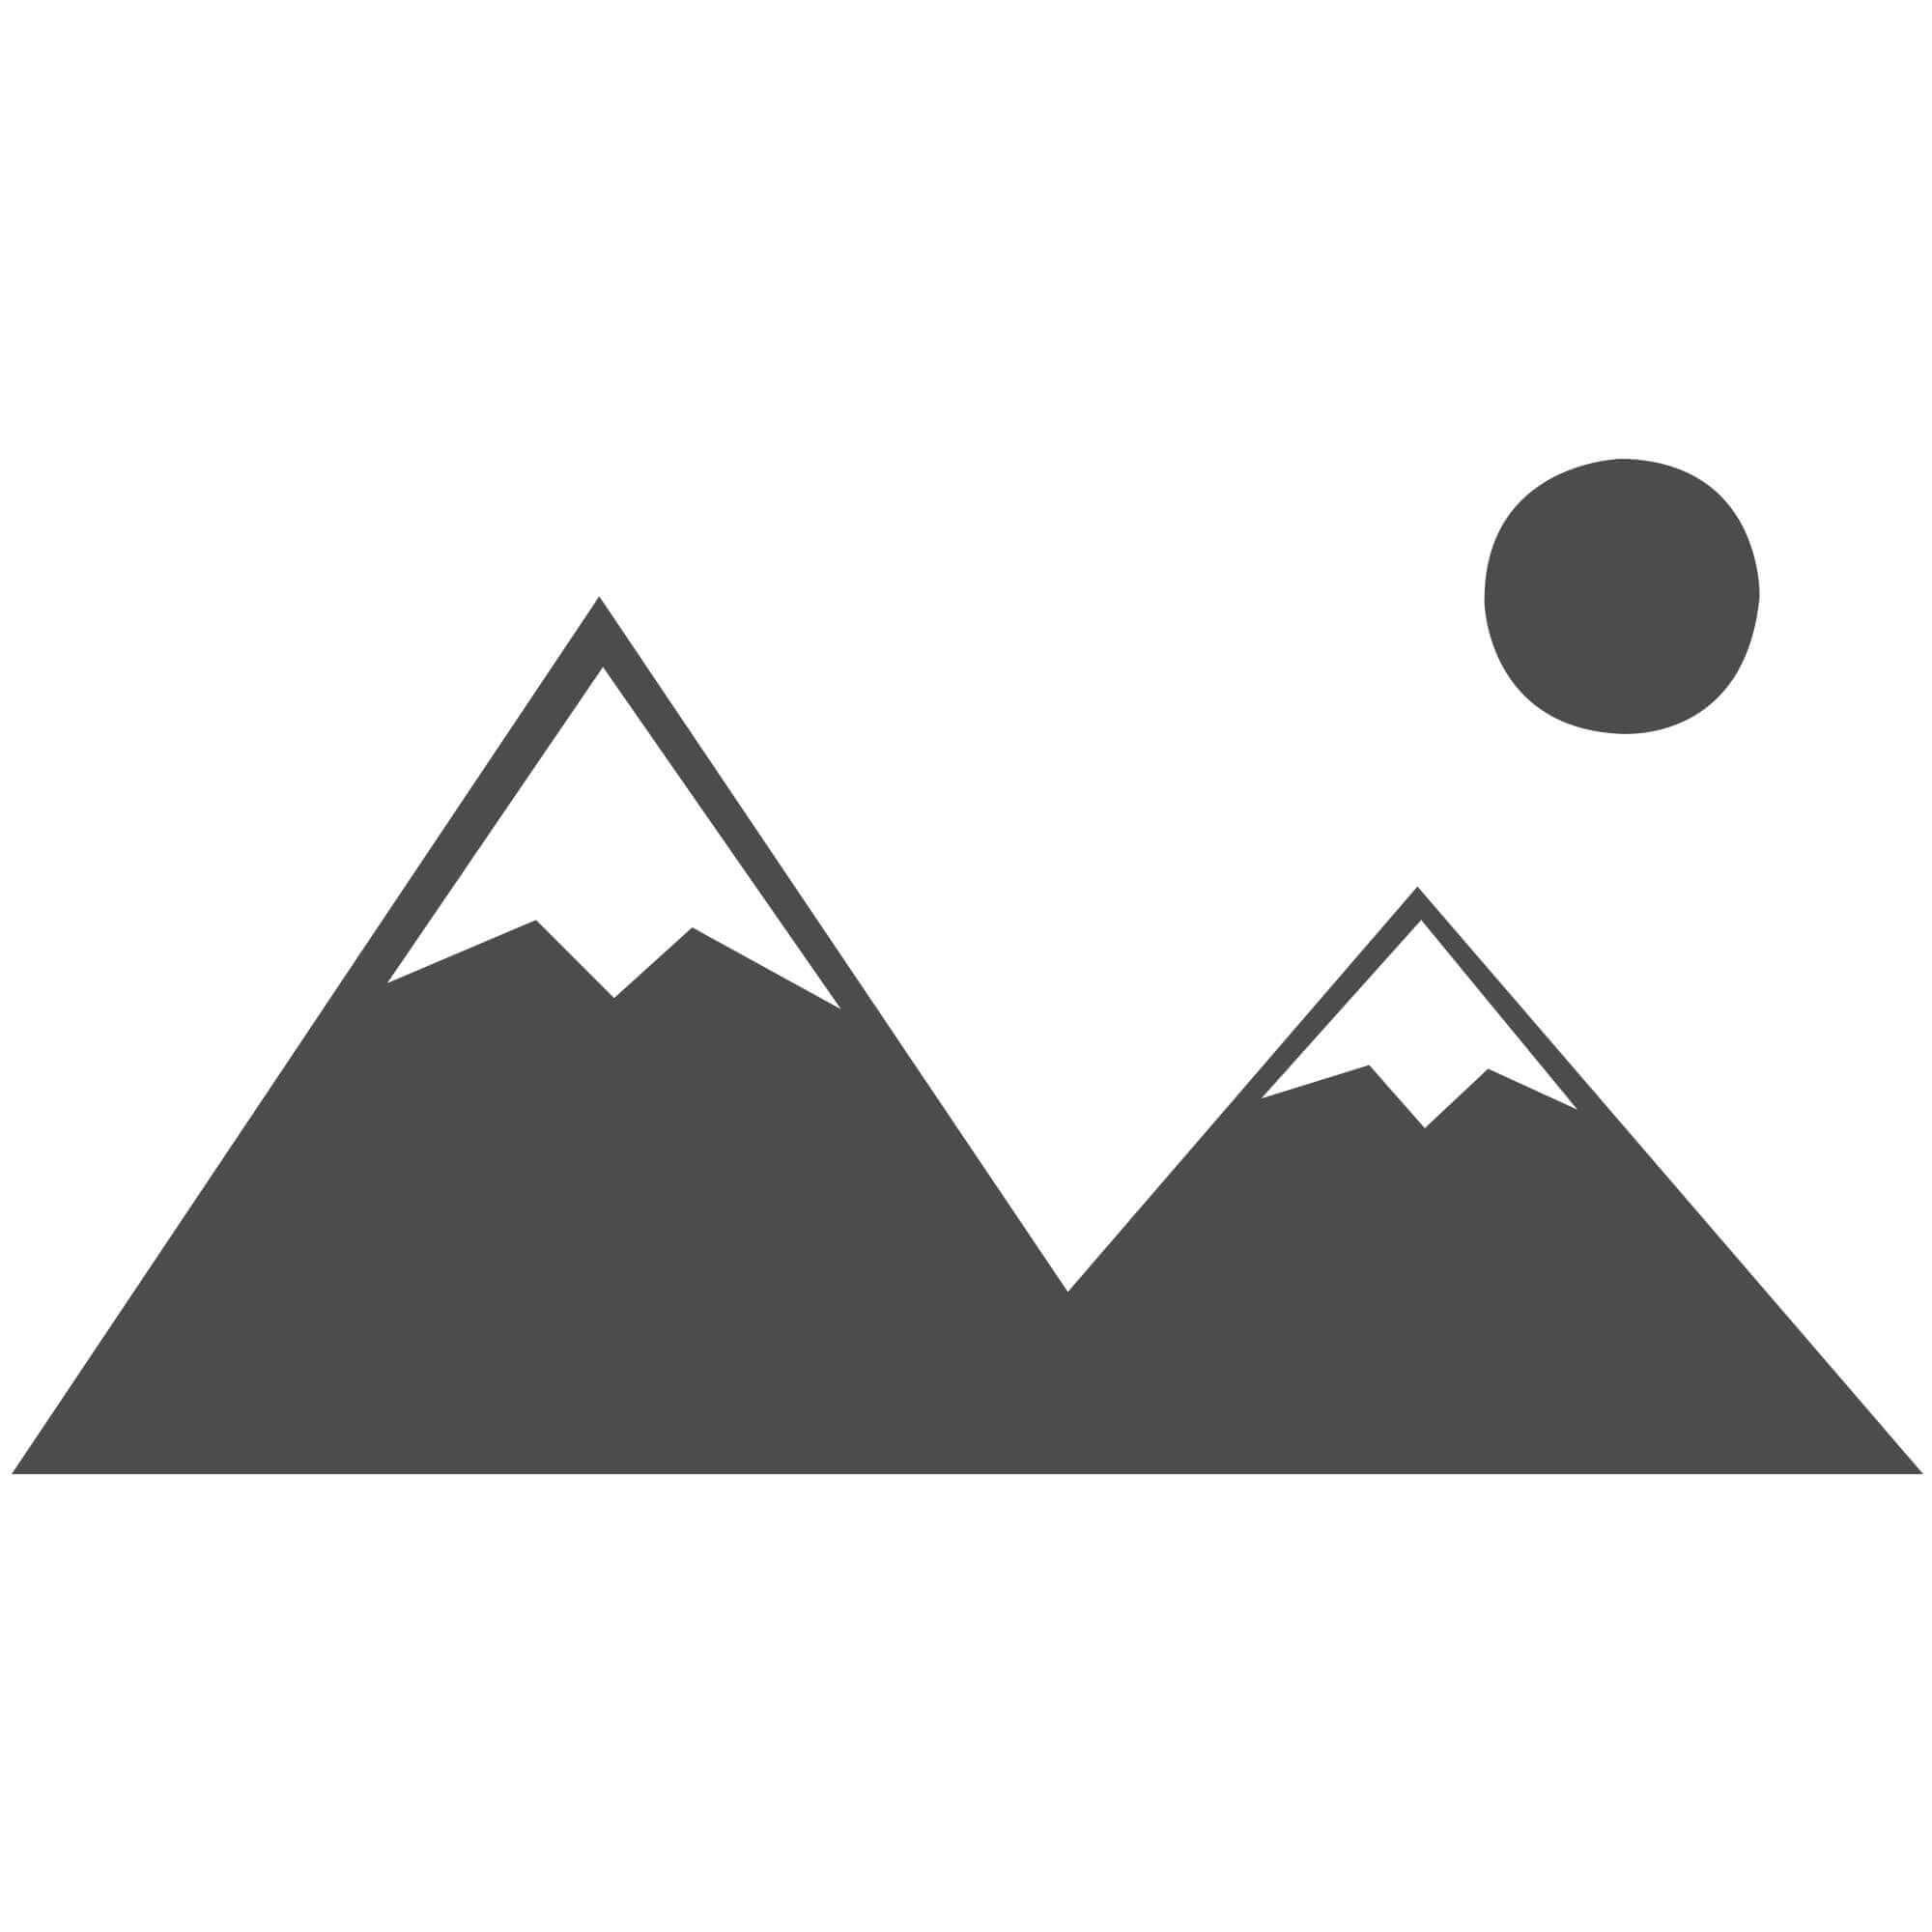 """New Vintage Azur 8015 Rug by Louis de Poortere-140 x 200 cm (4'7"""" x 6'7"""")"""